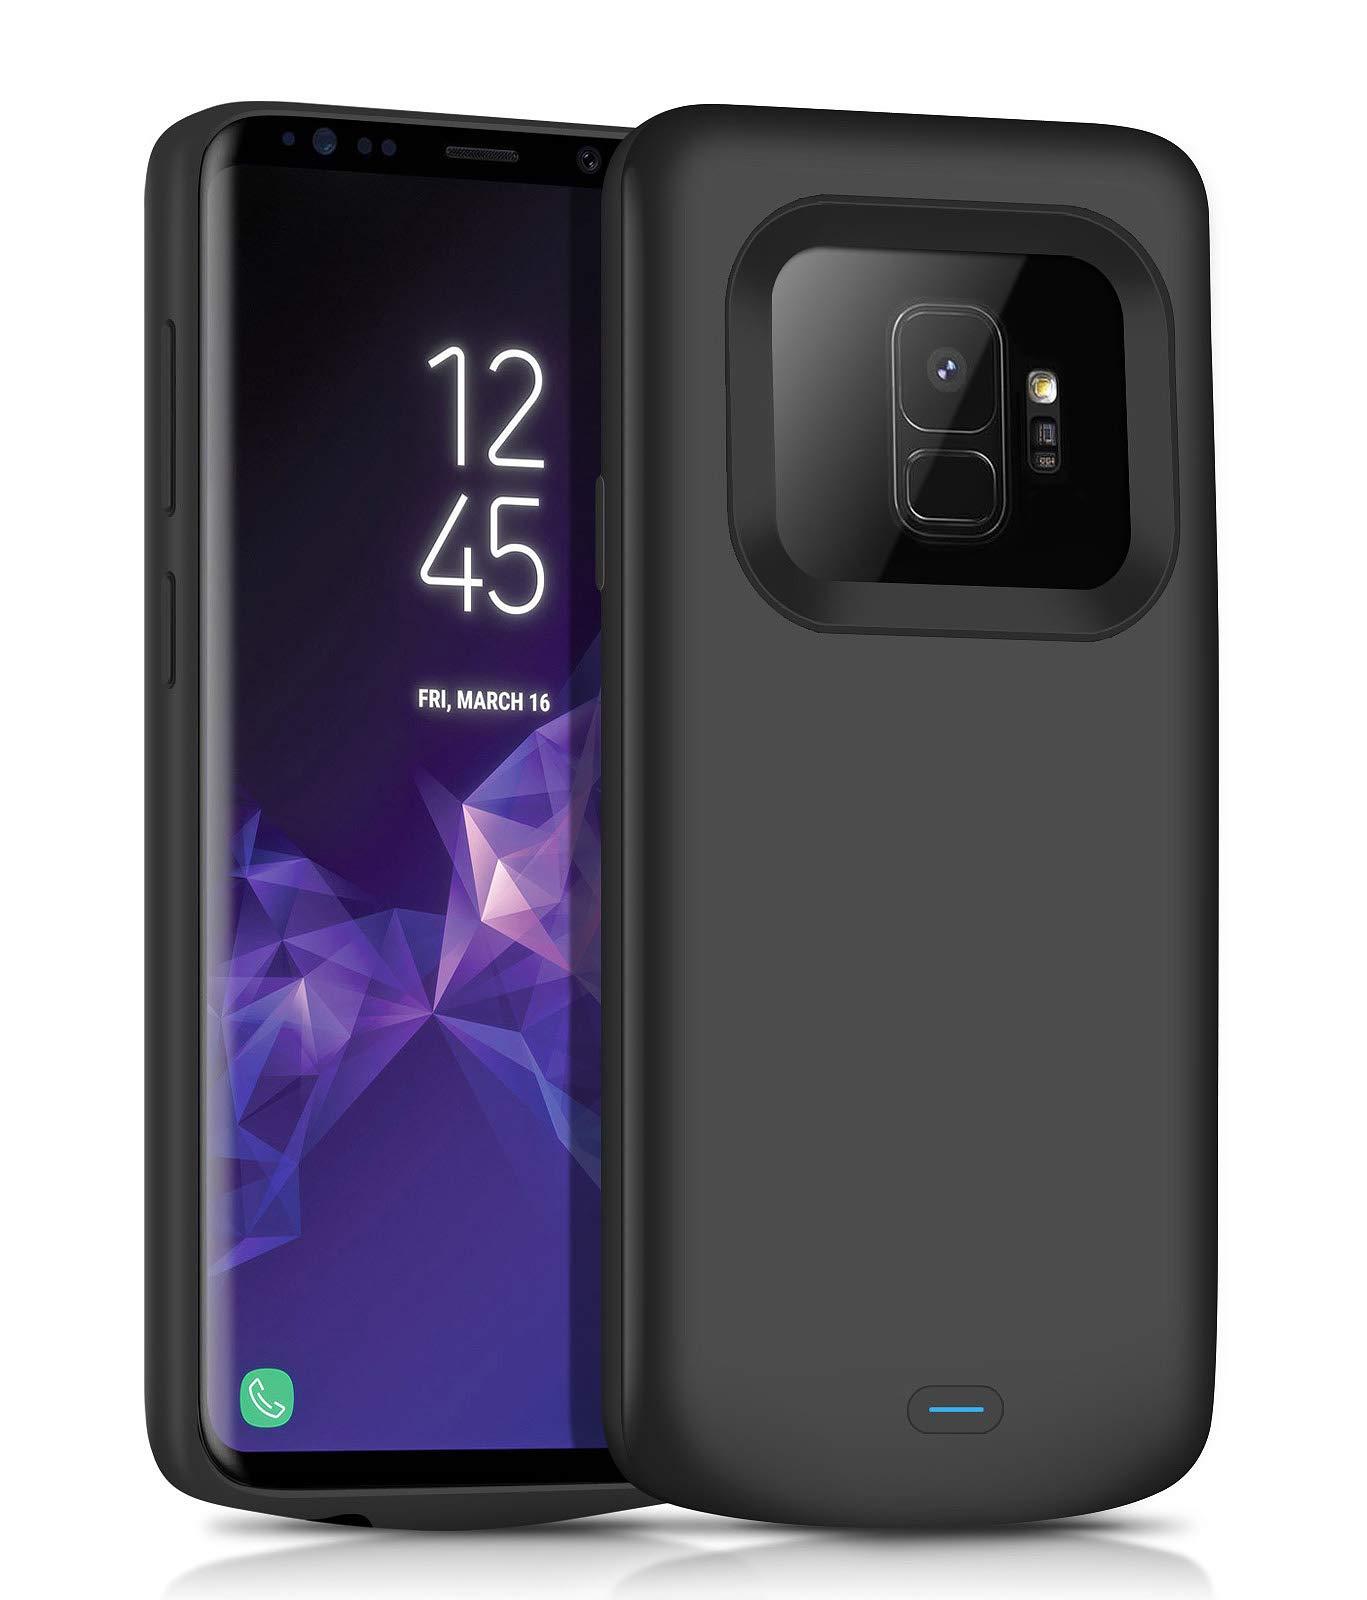 Funda Con Bateria de 4700mah para Samsung Galaxy S9 JUBOTY [7CNW9S8M]